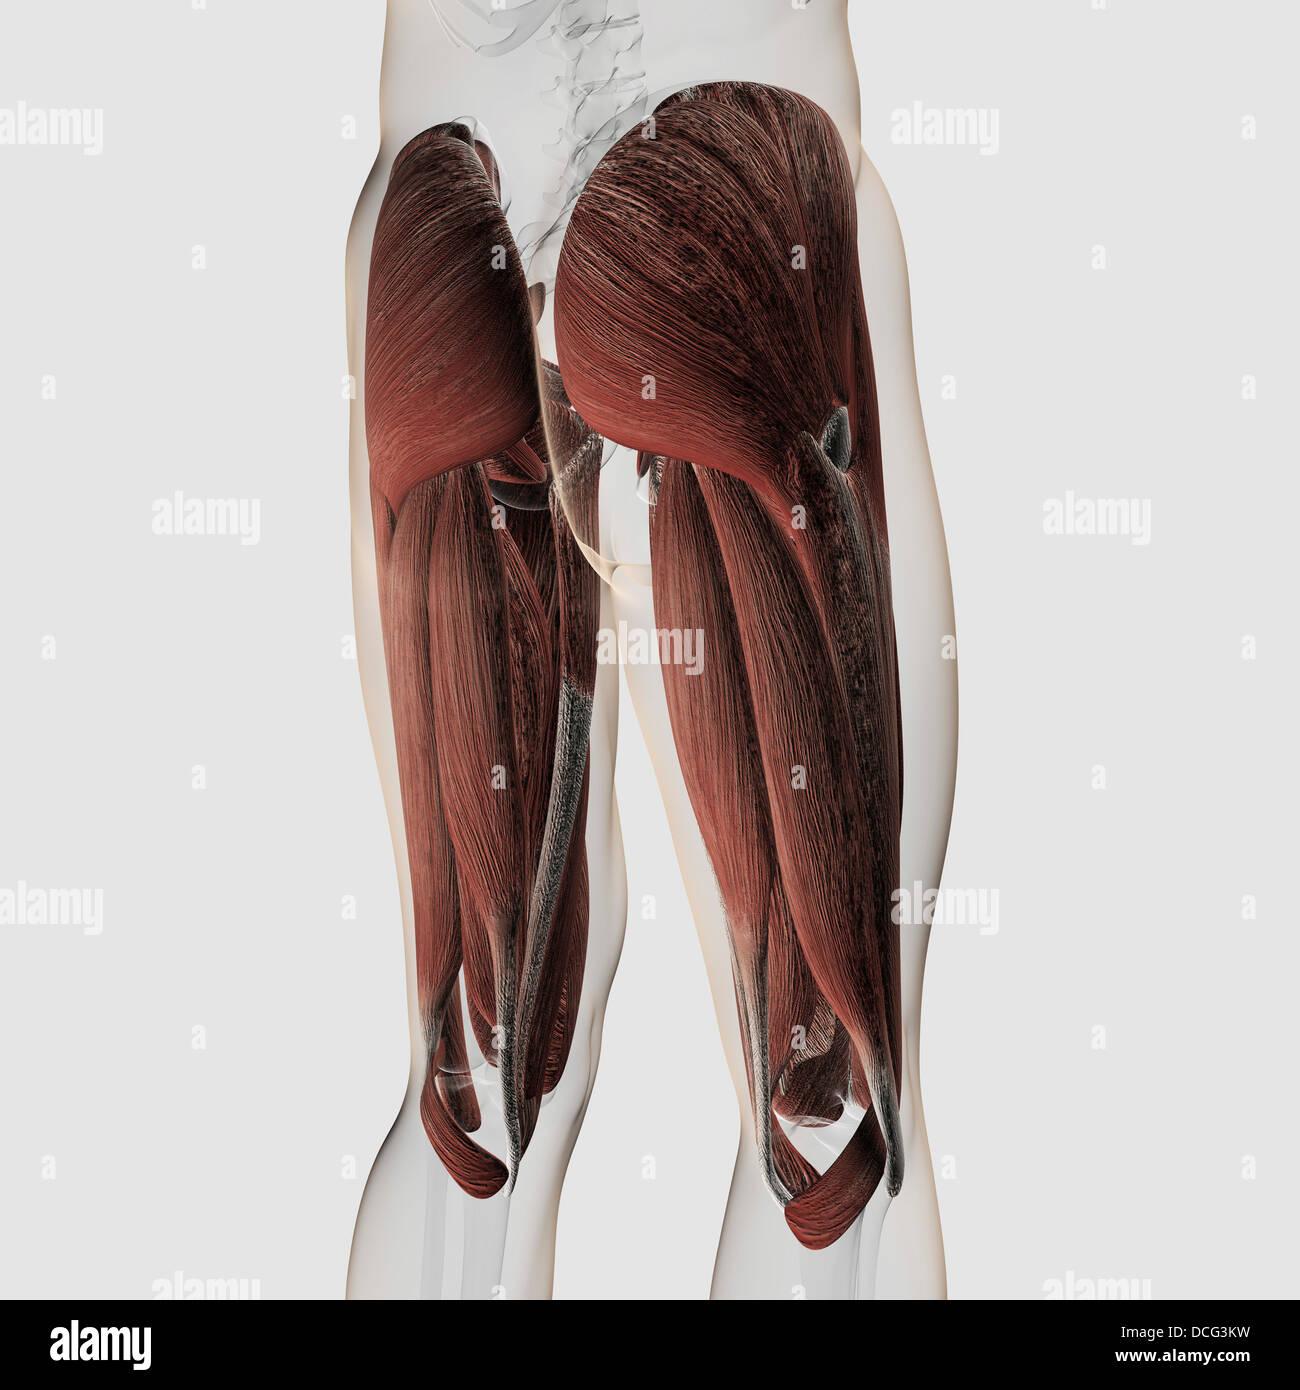 Männliche Muskeln Anatomie der menschlichen Beine, hintere Ansicht ...